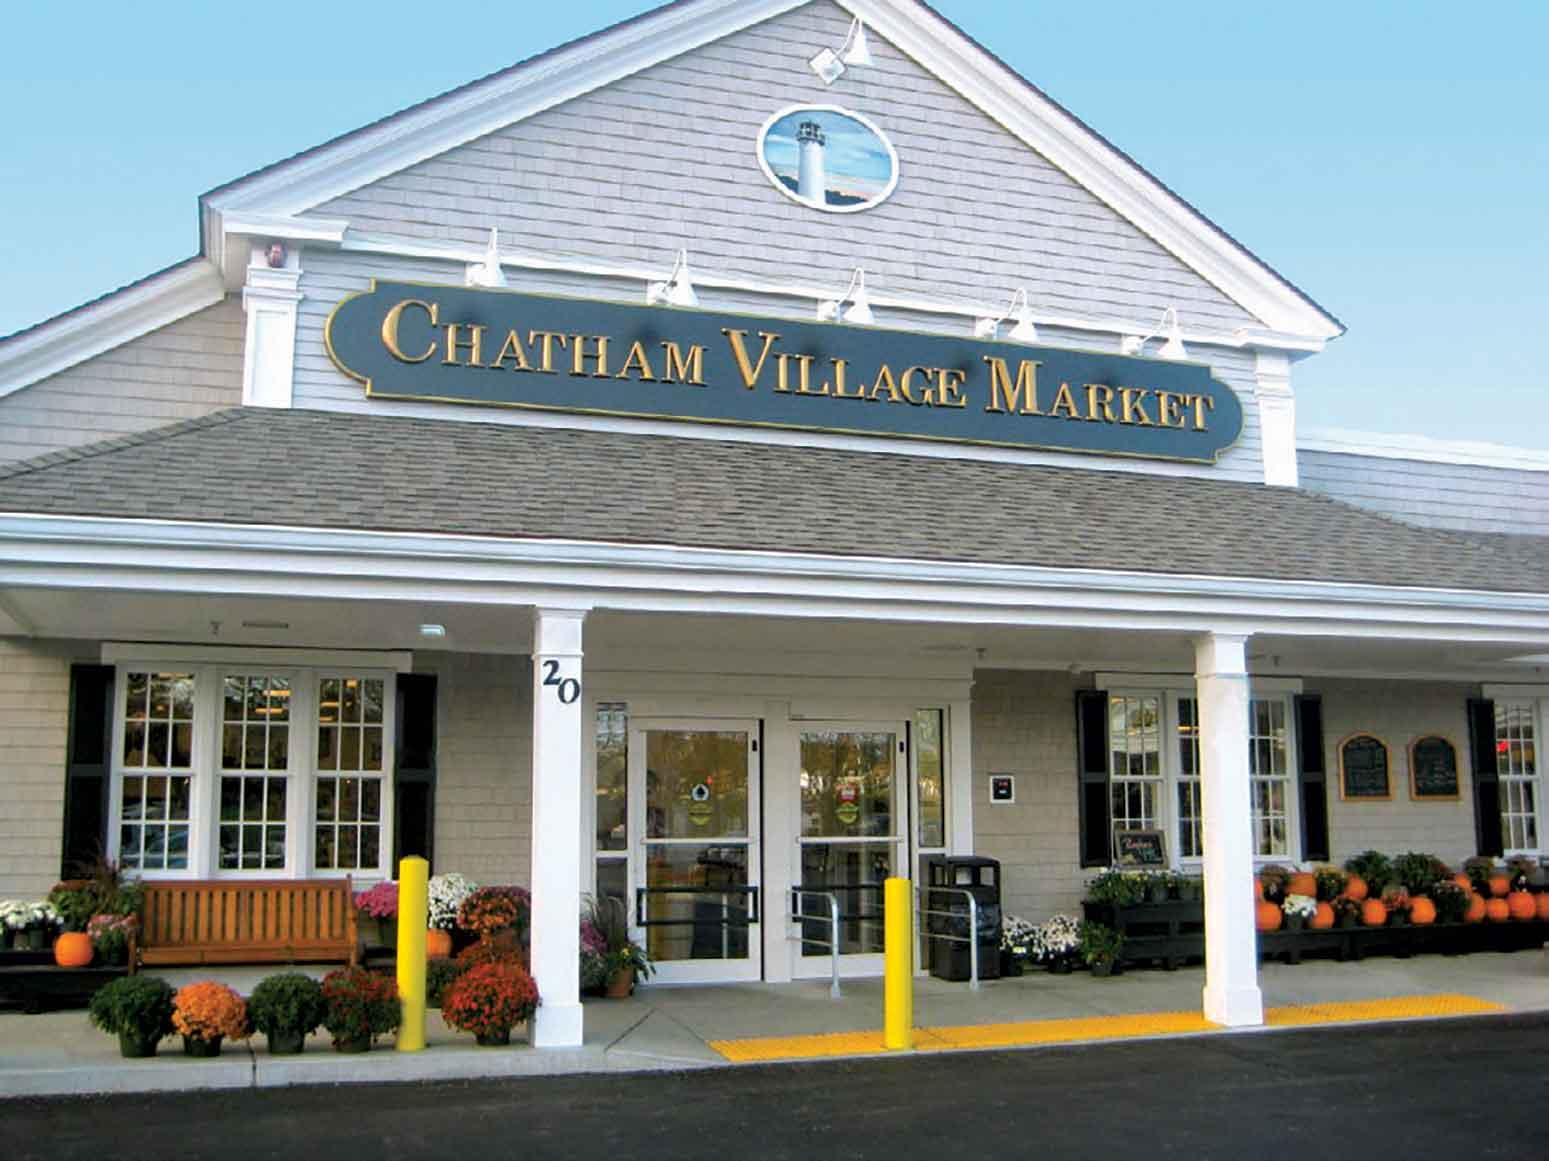 Chatham Village Market